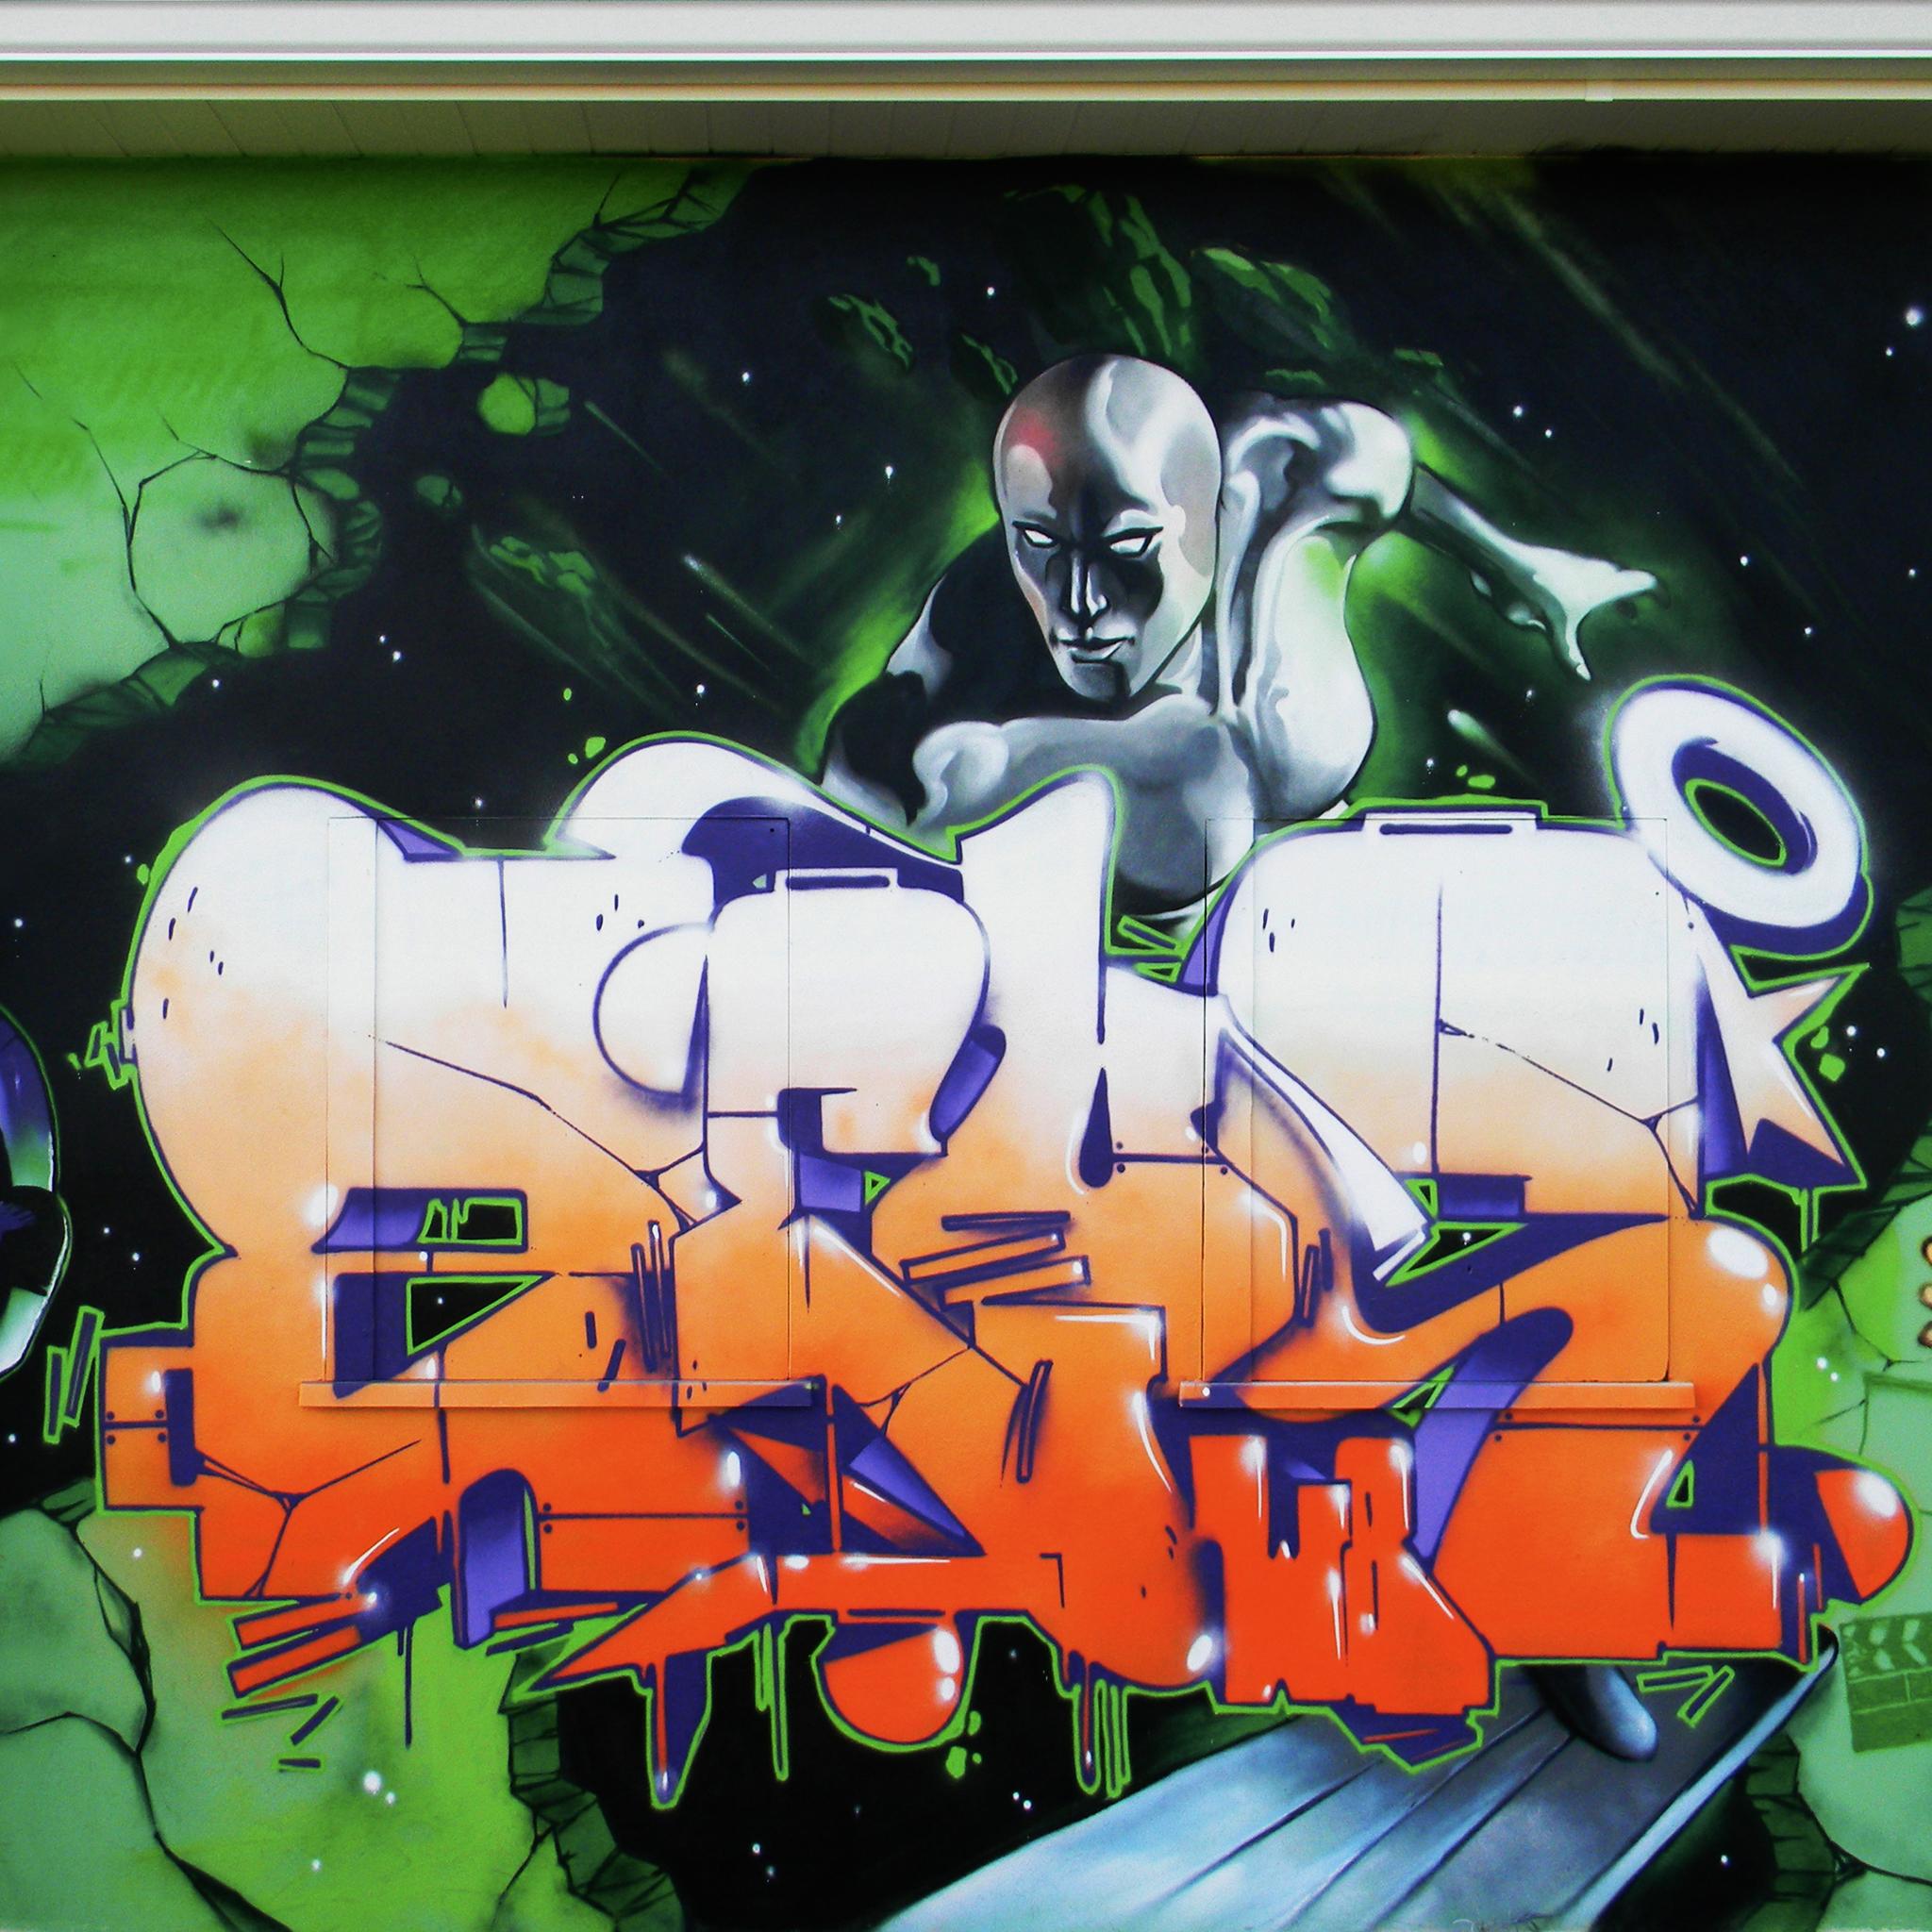 Wild_Boy_Graffiti_02_3W_iPad